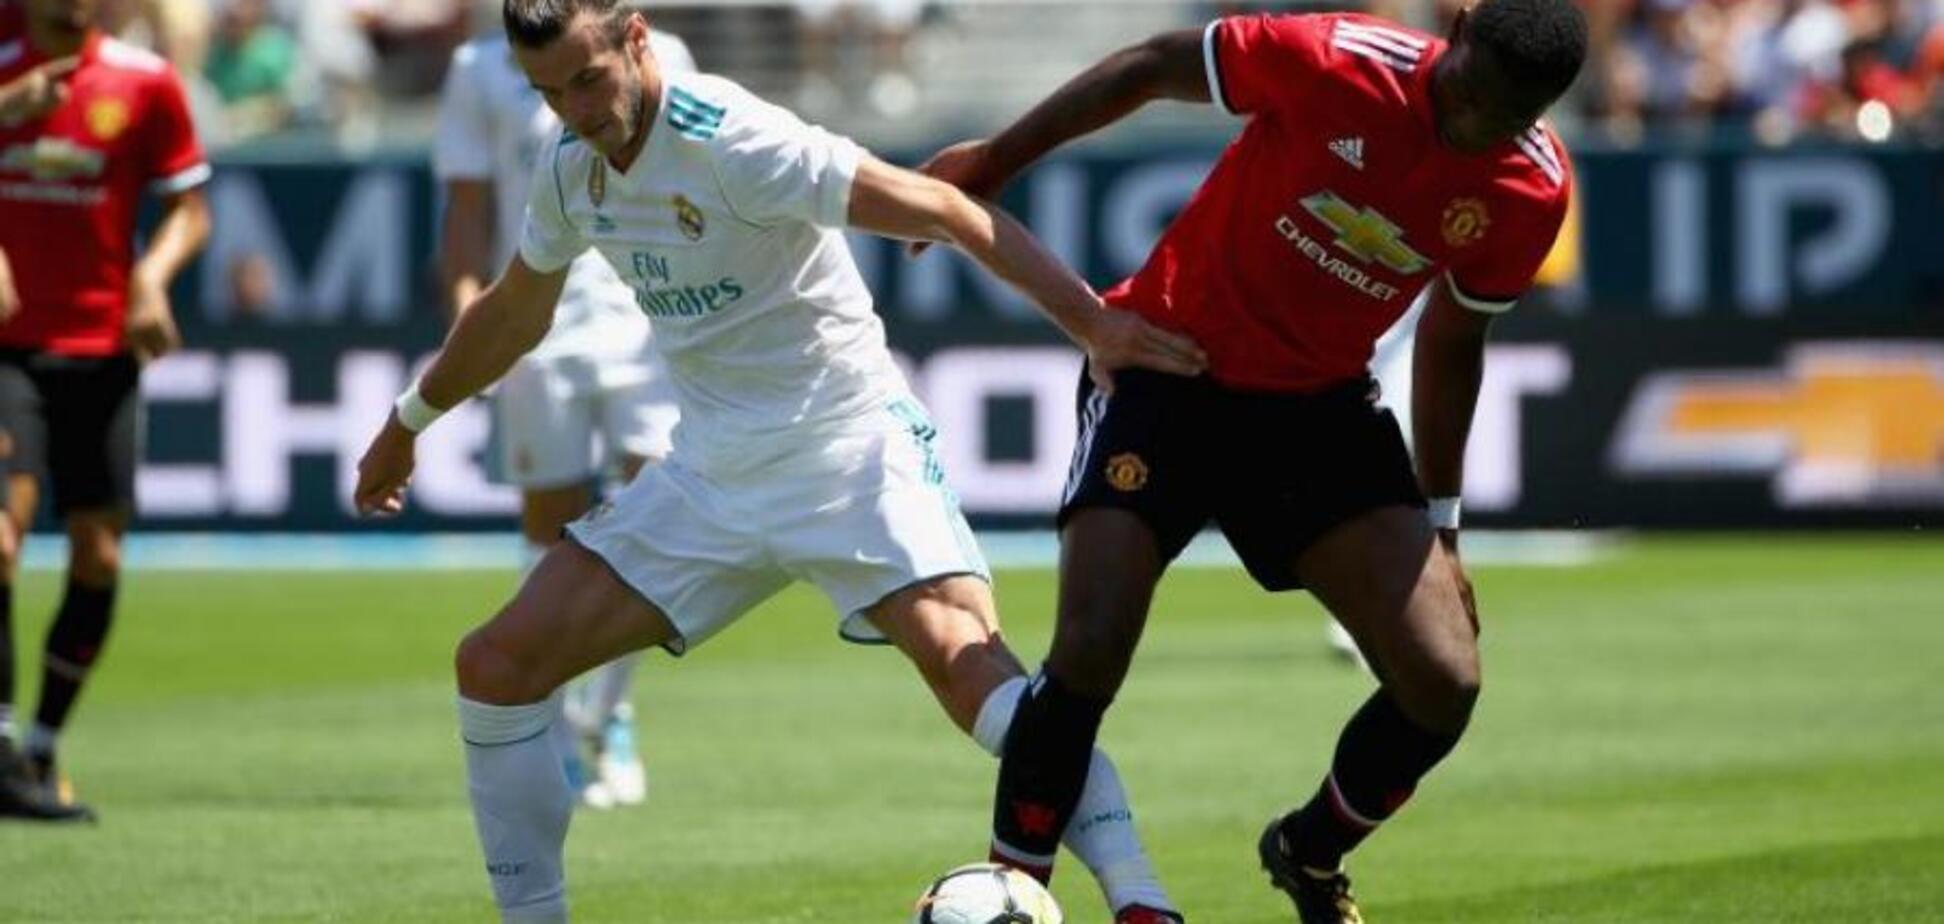 Финальный свисток! Реал - Манчестер Юнайтед: онлайн-трансляция матча за Суперкубок УЕФА